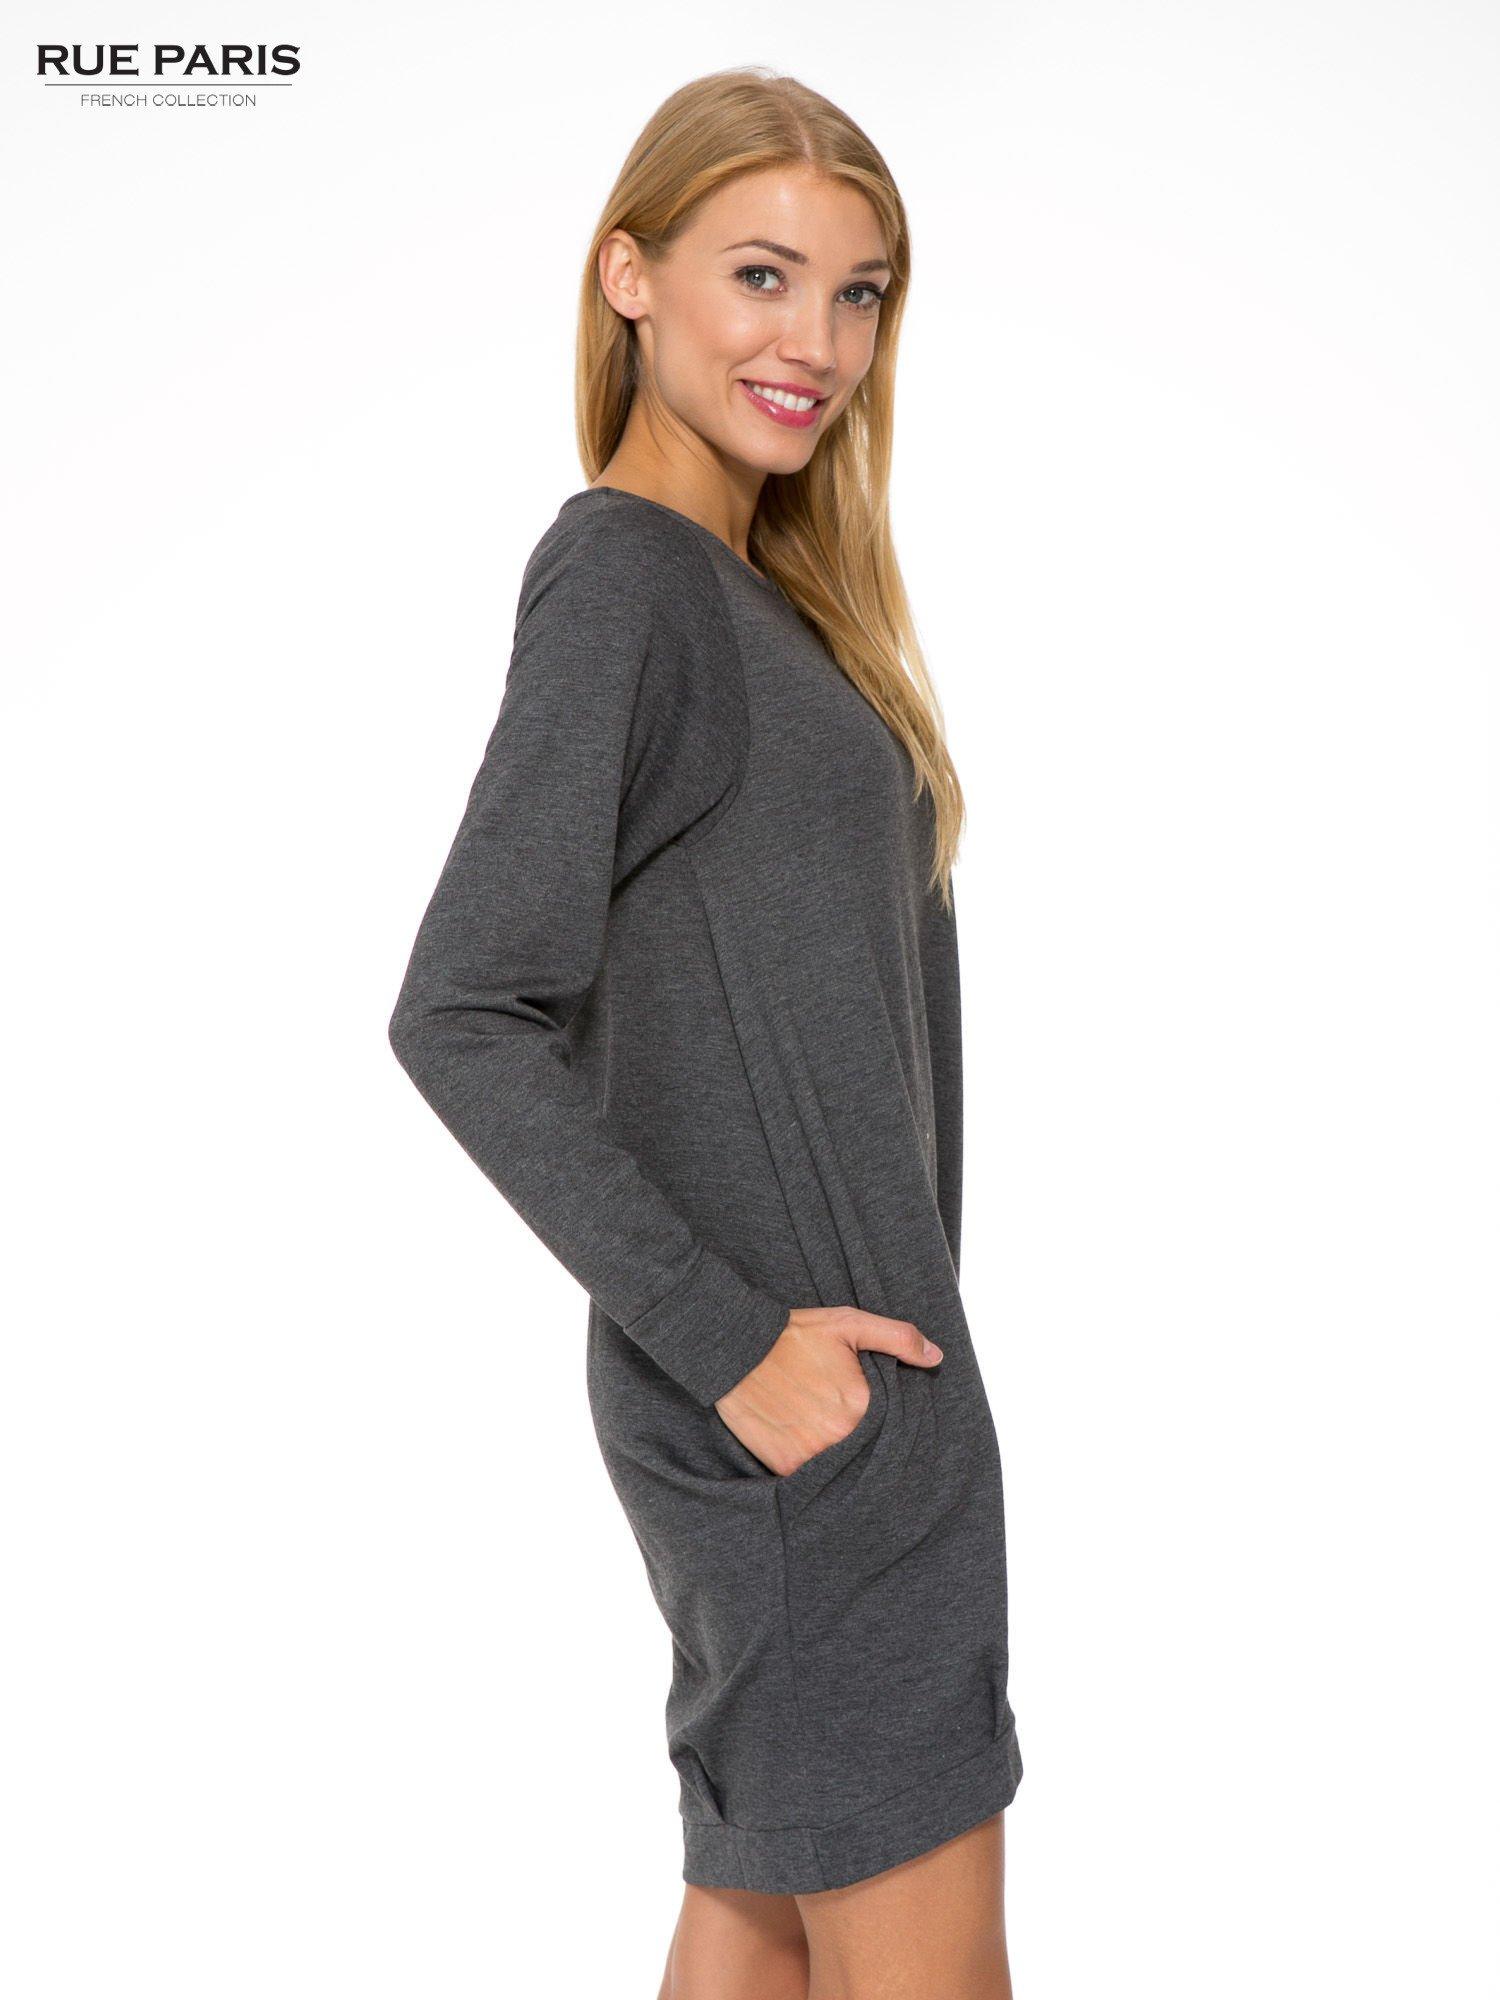 Szara dresowa sukienka oversize z ozdobnymi kieszeniami                                  zdj.                                  4